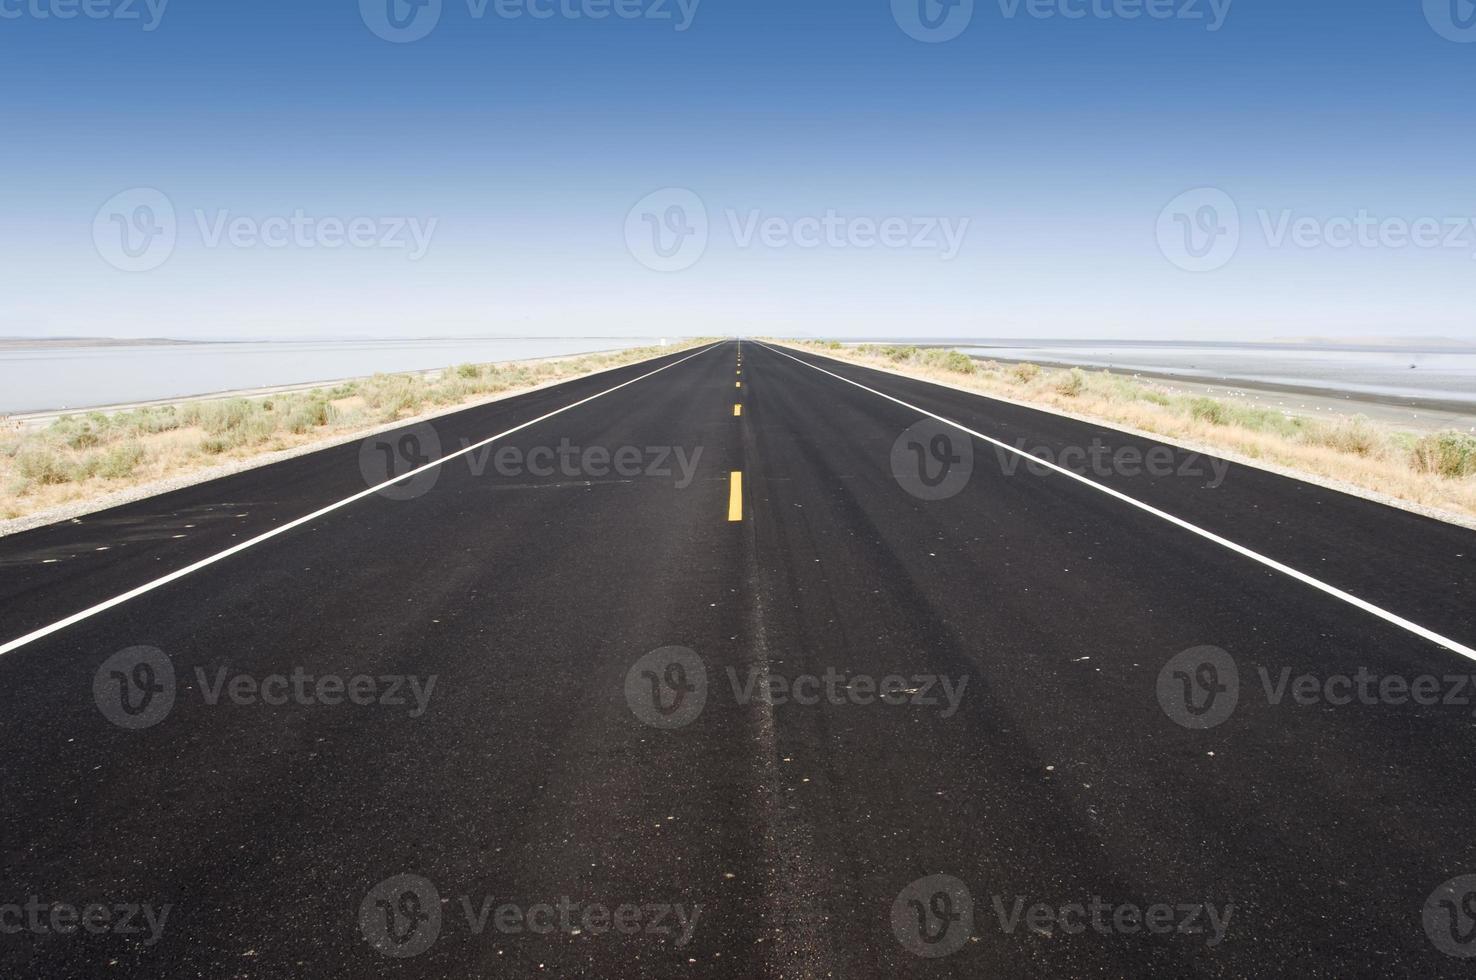 camino al gran lago salado, utah, estados unidos foto